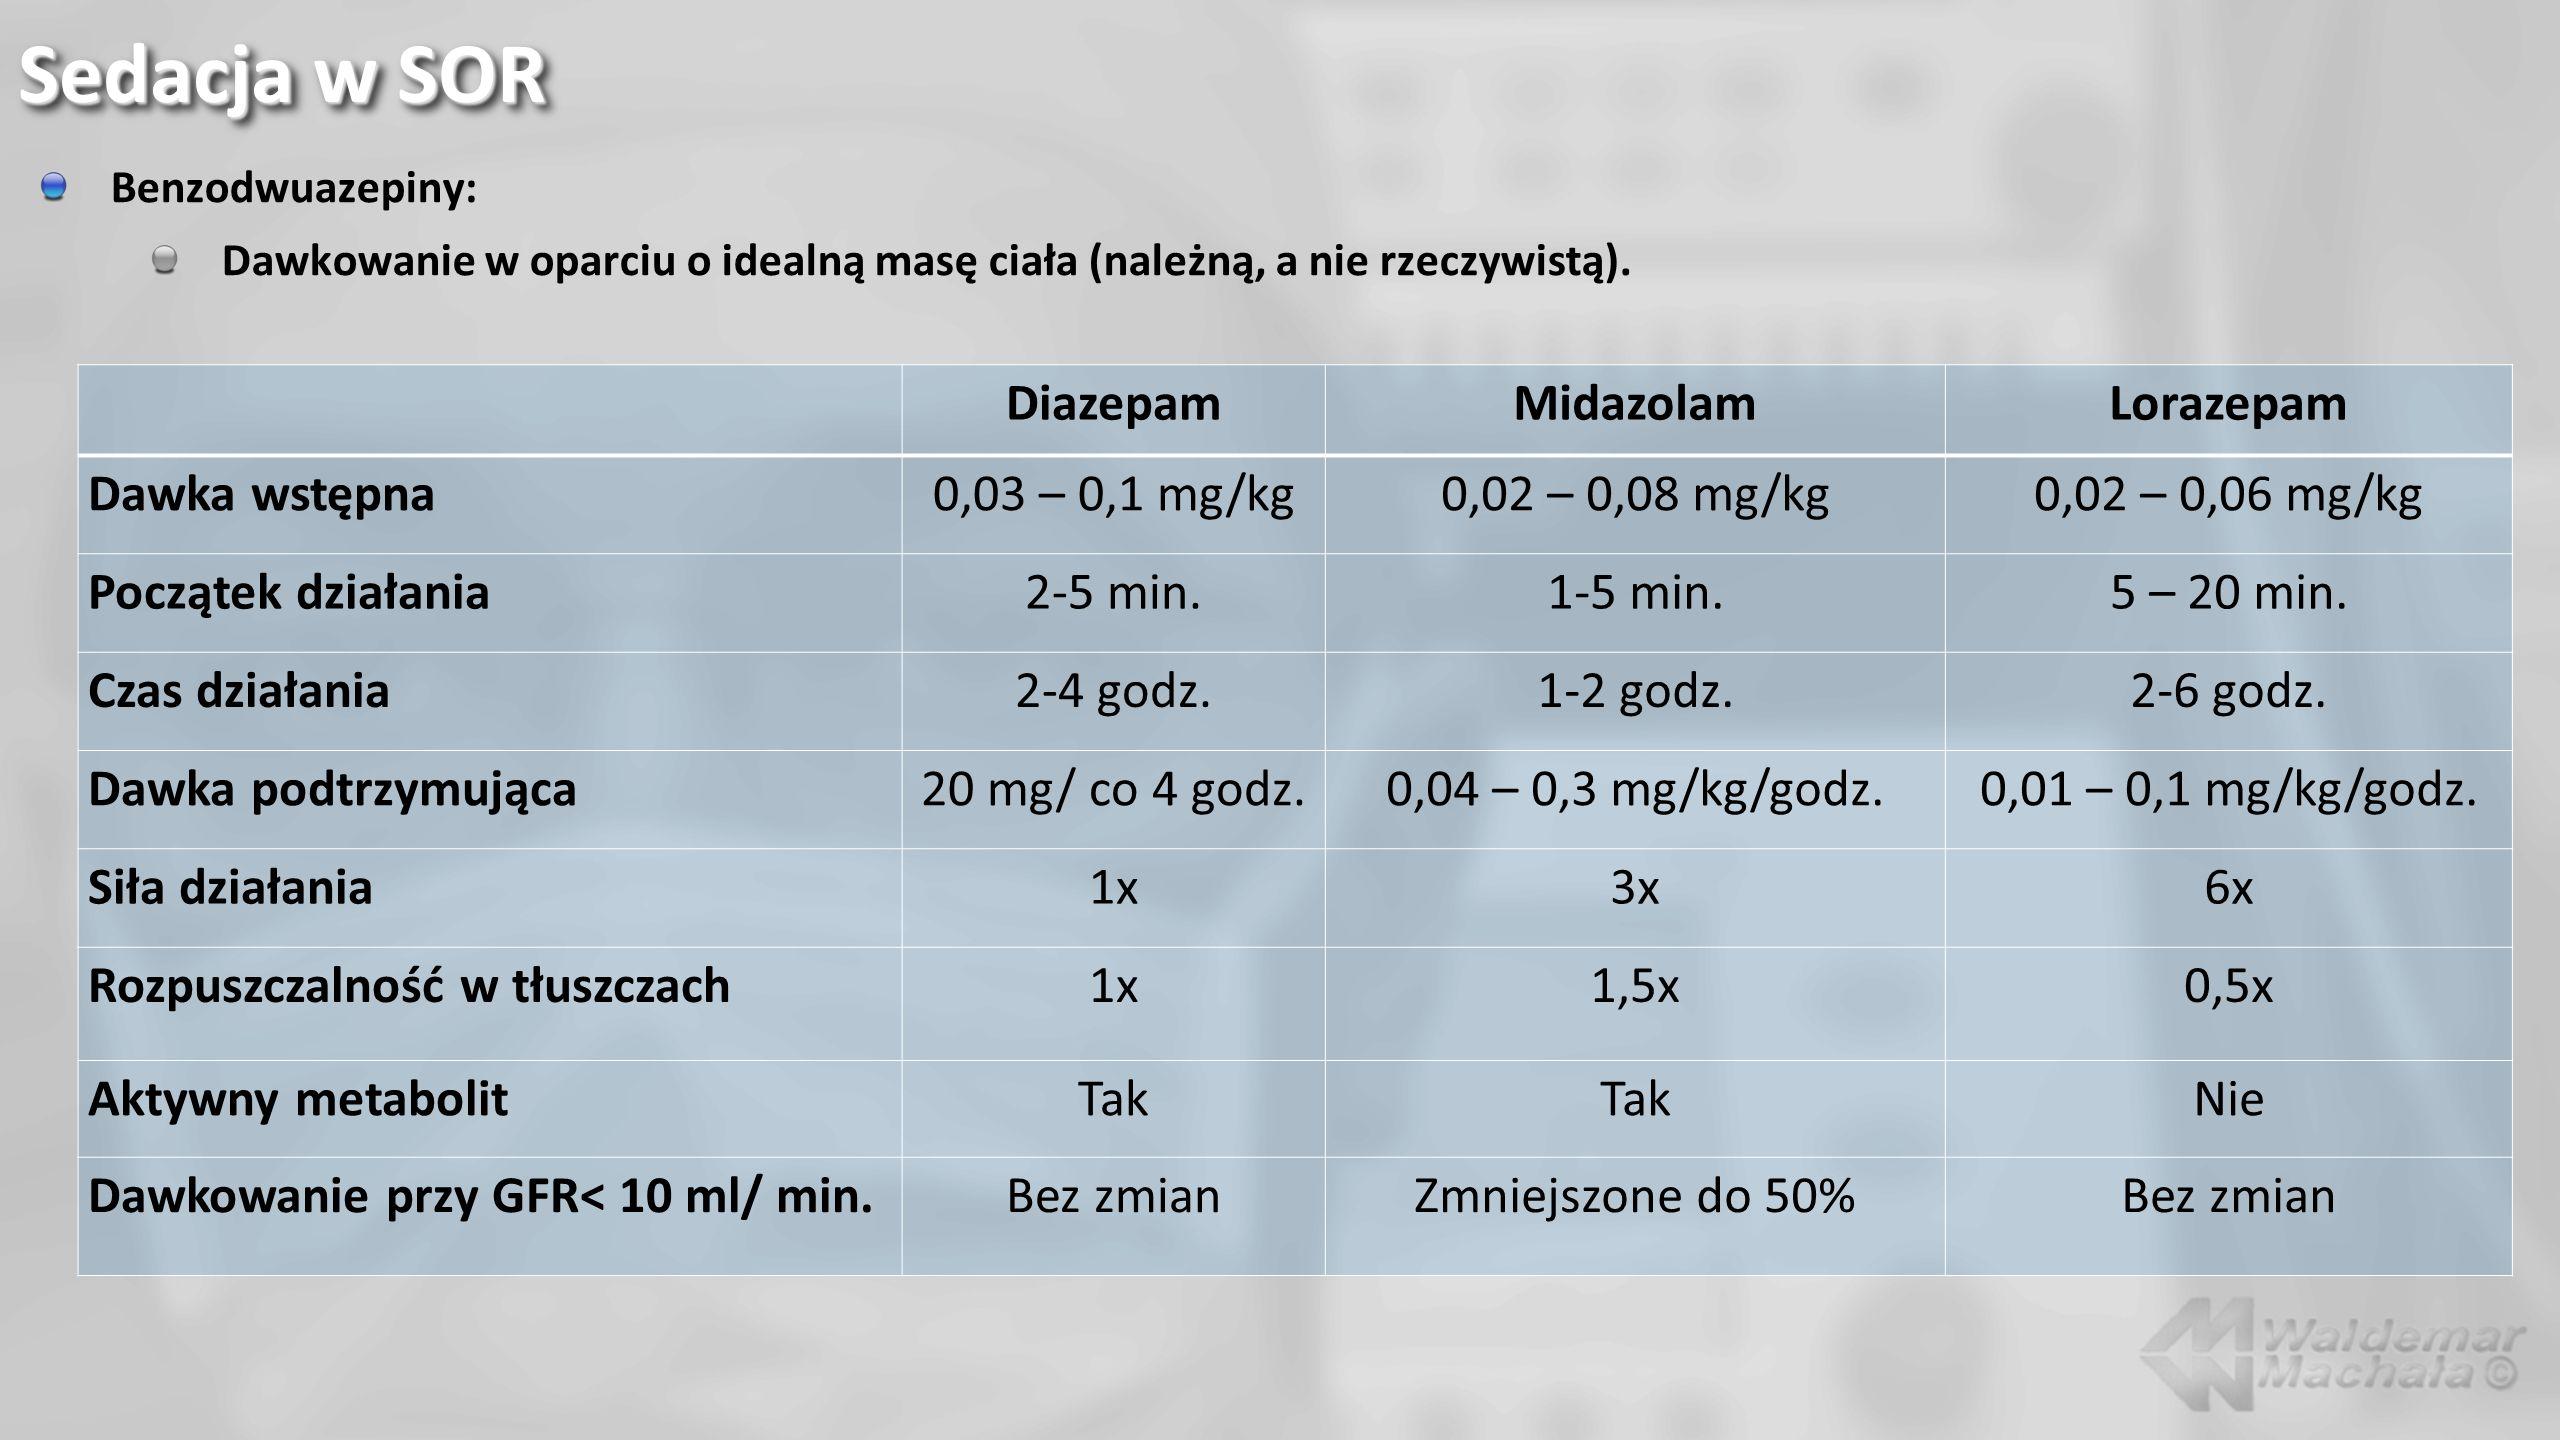 Sedacja w SOR Diazepam Midazolam Lorazepam Dawka wstępna